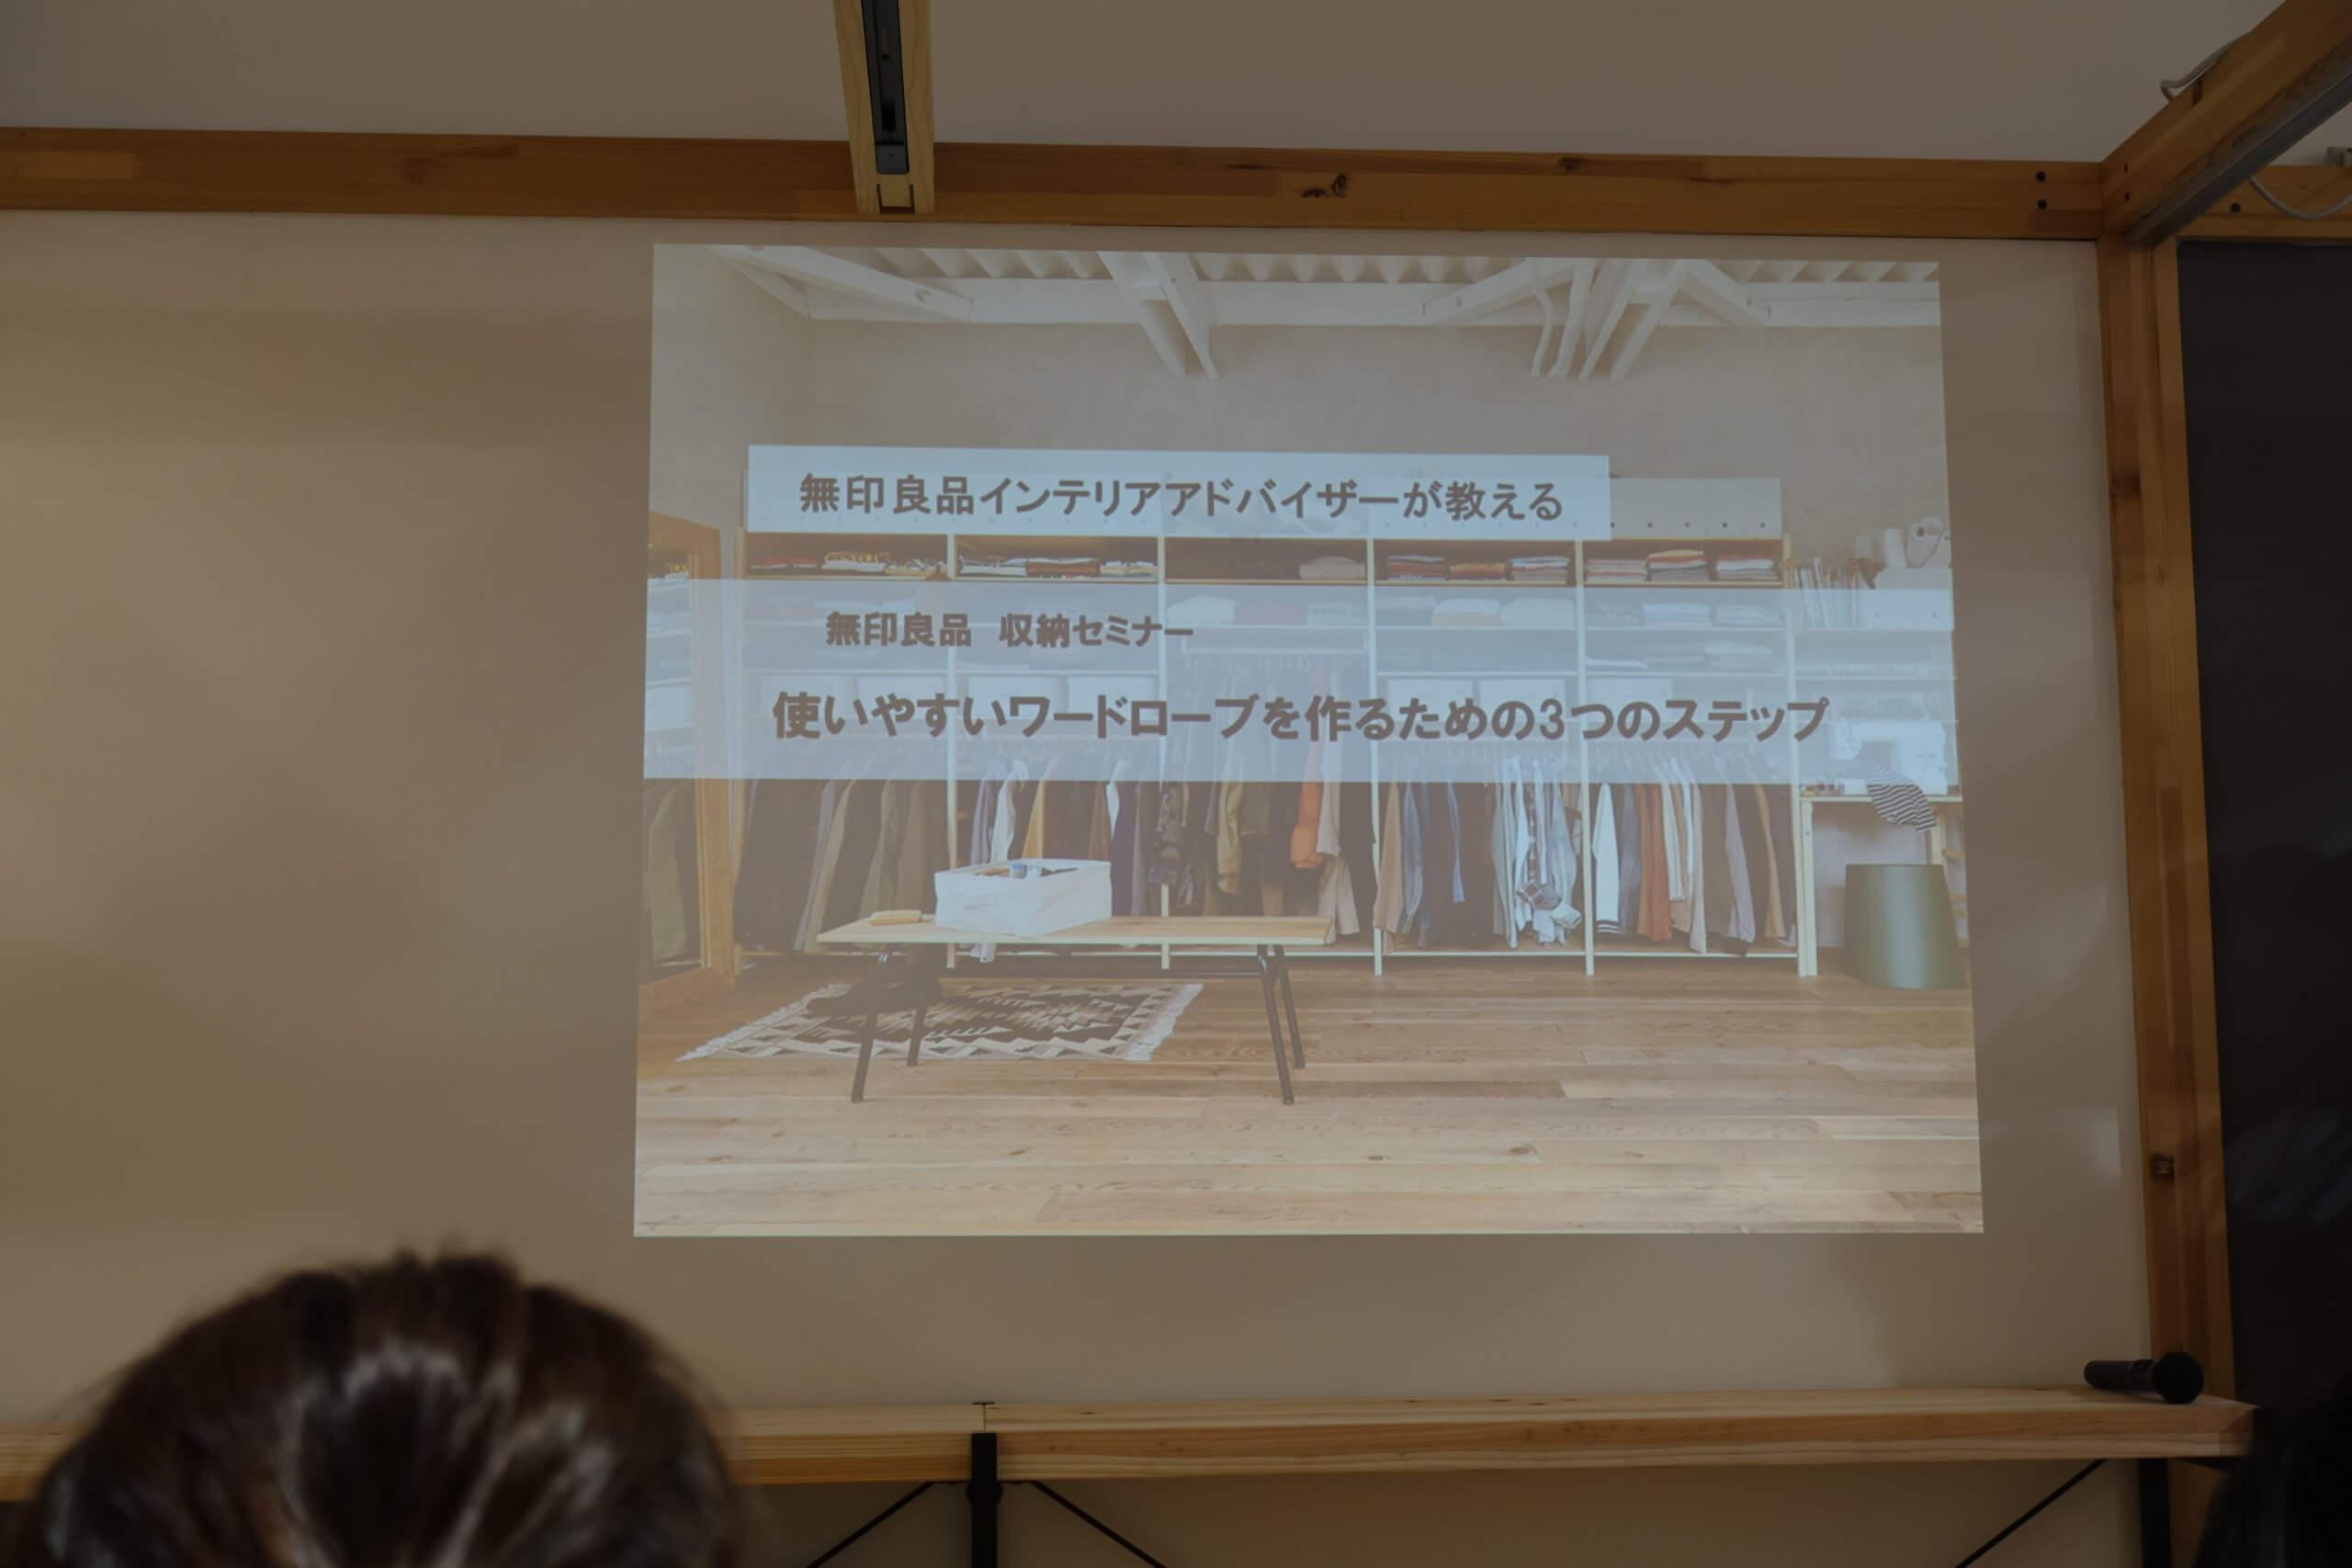 使いやすいワードローブを作るための3つのステップ@無印良品有楽町店